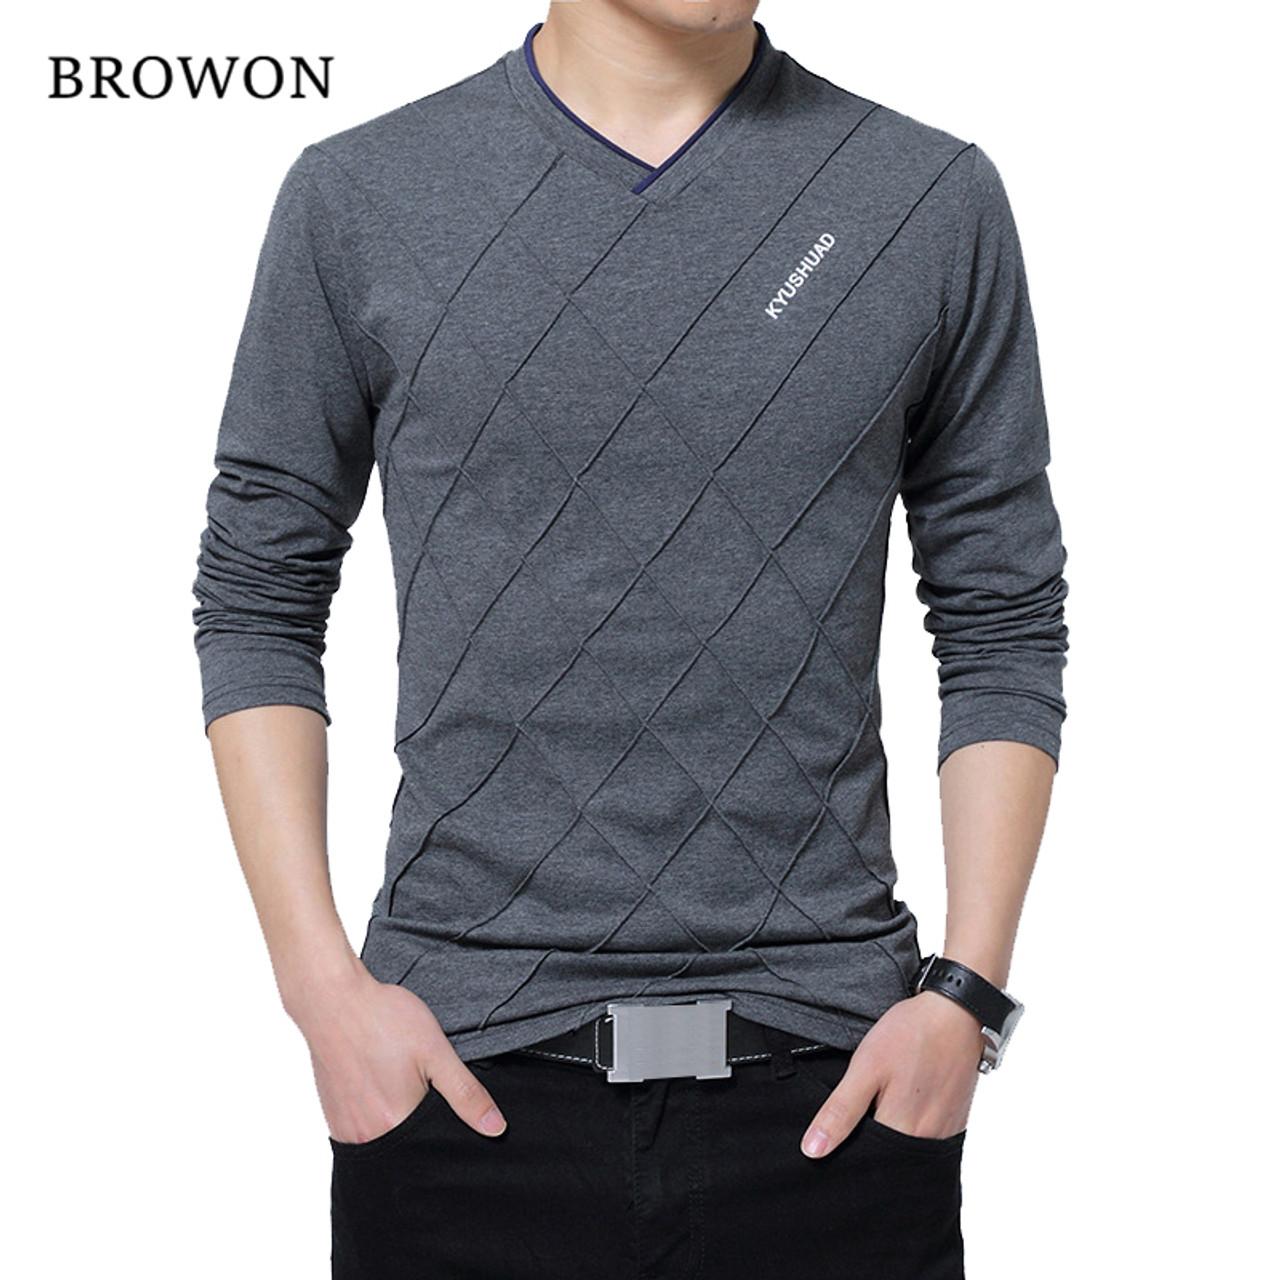 White Design For Mens Pocket T Shirt Pocket